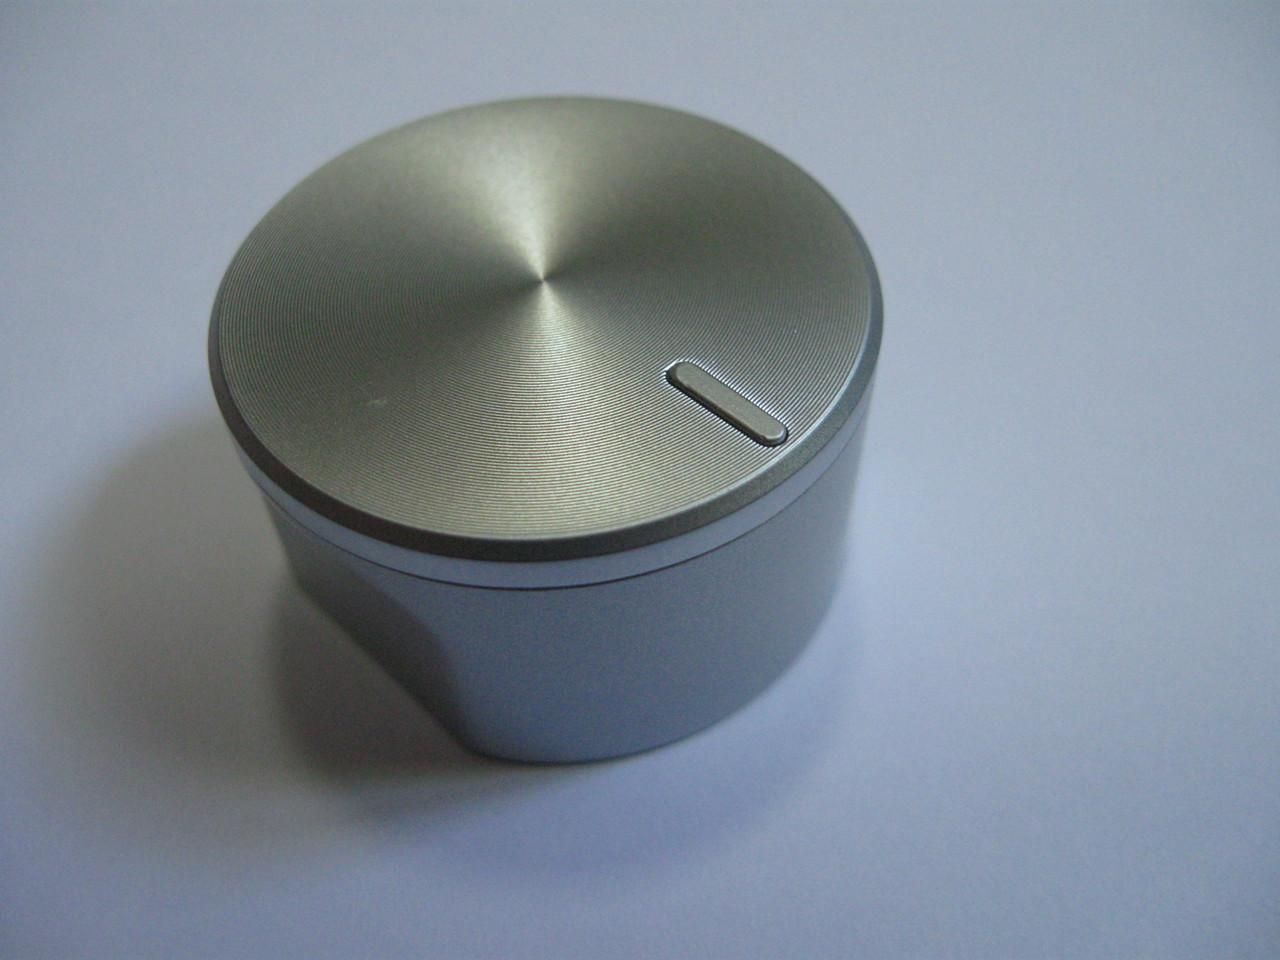 Ручка переключения режимов газовой поверхности Samsung DG82-01044A